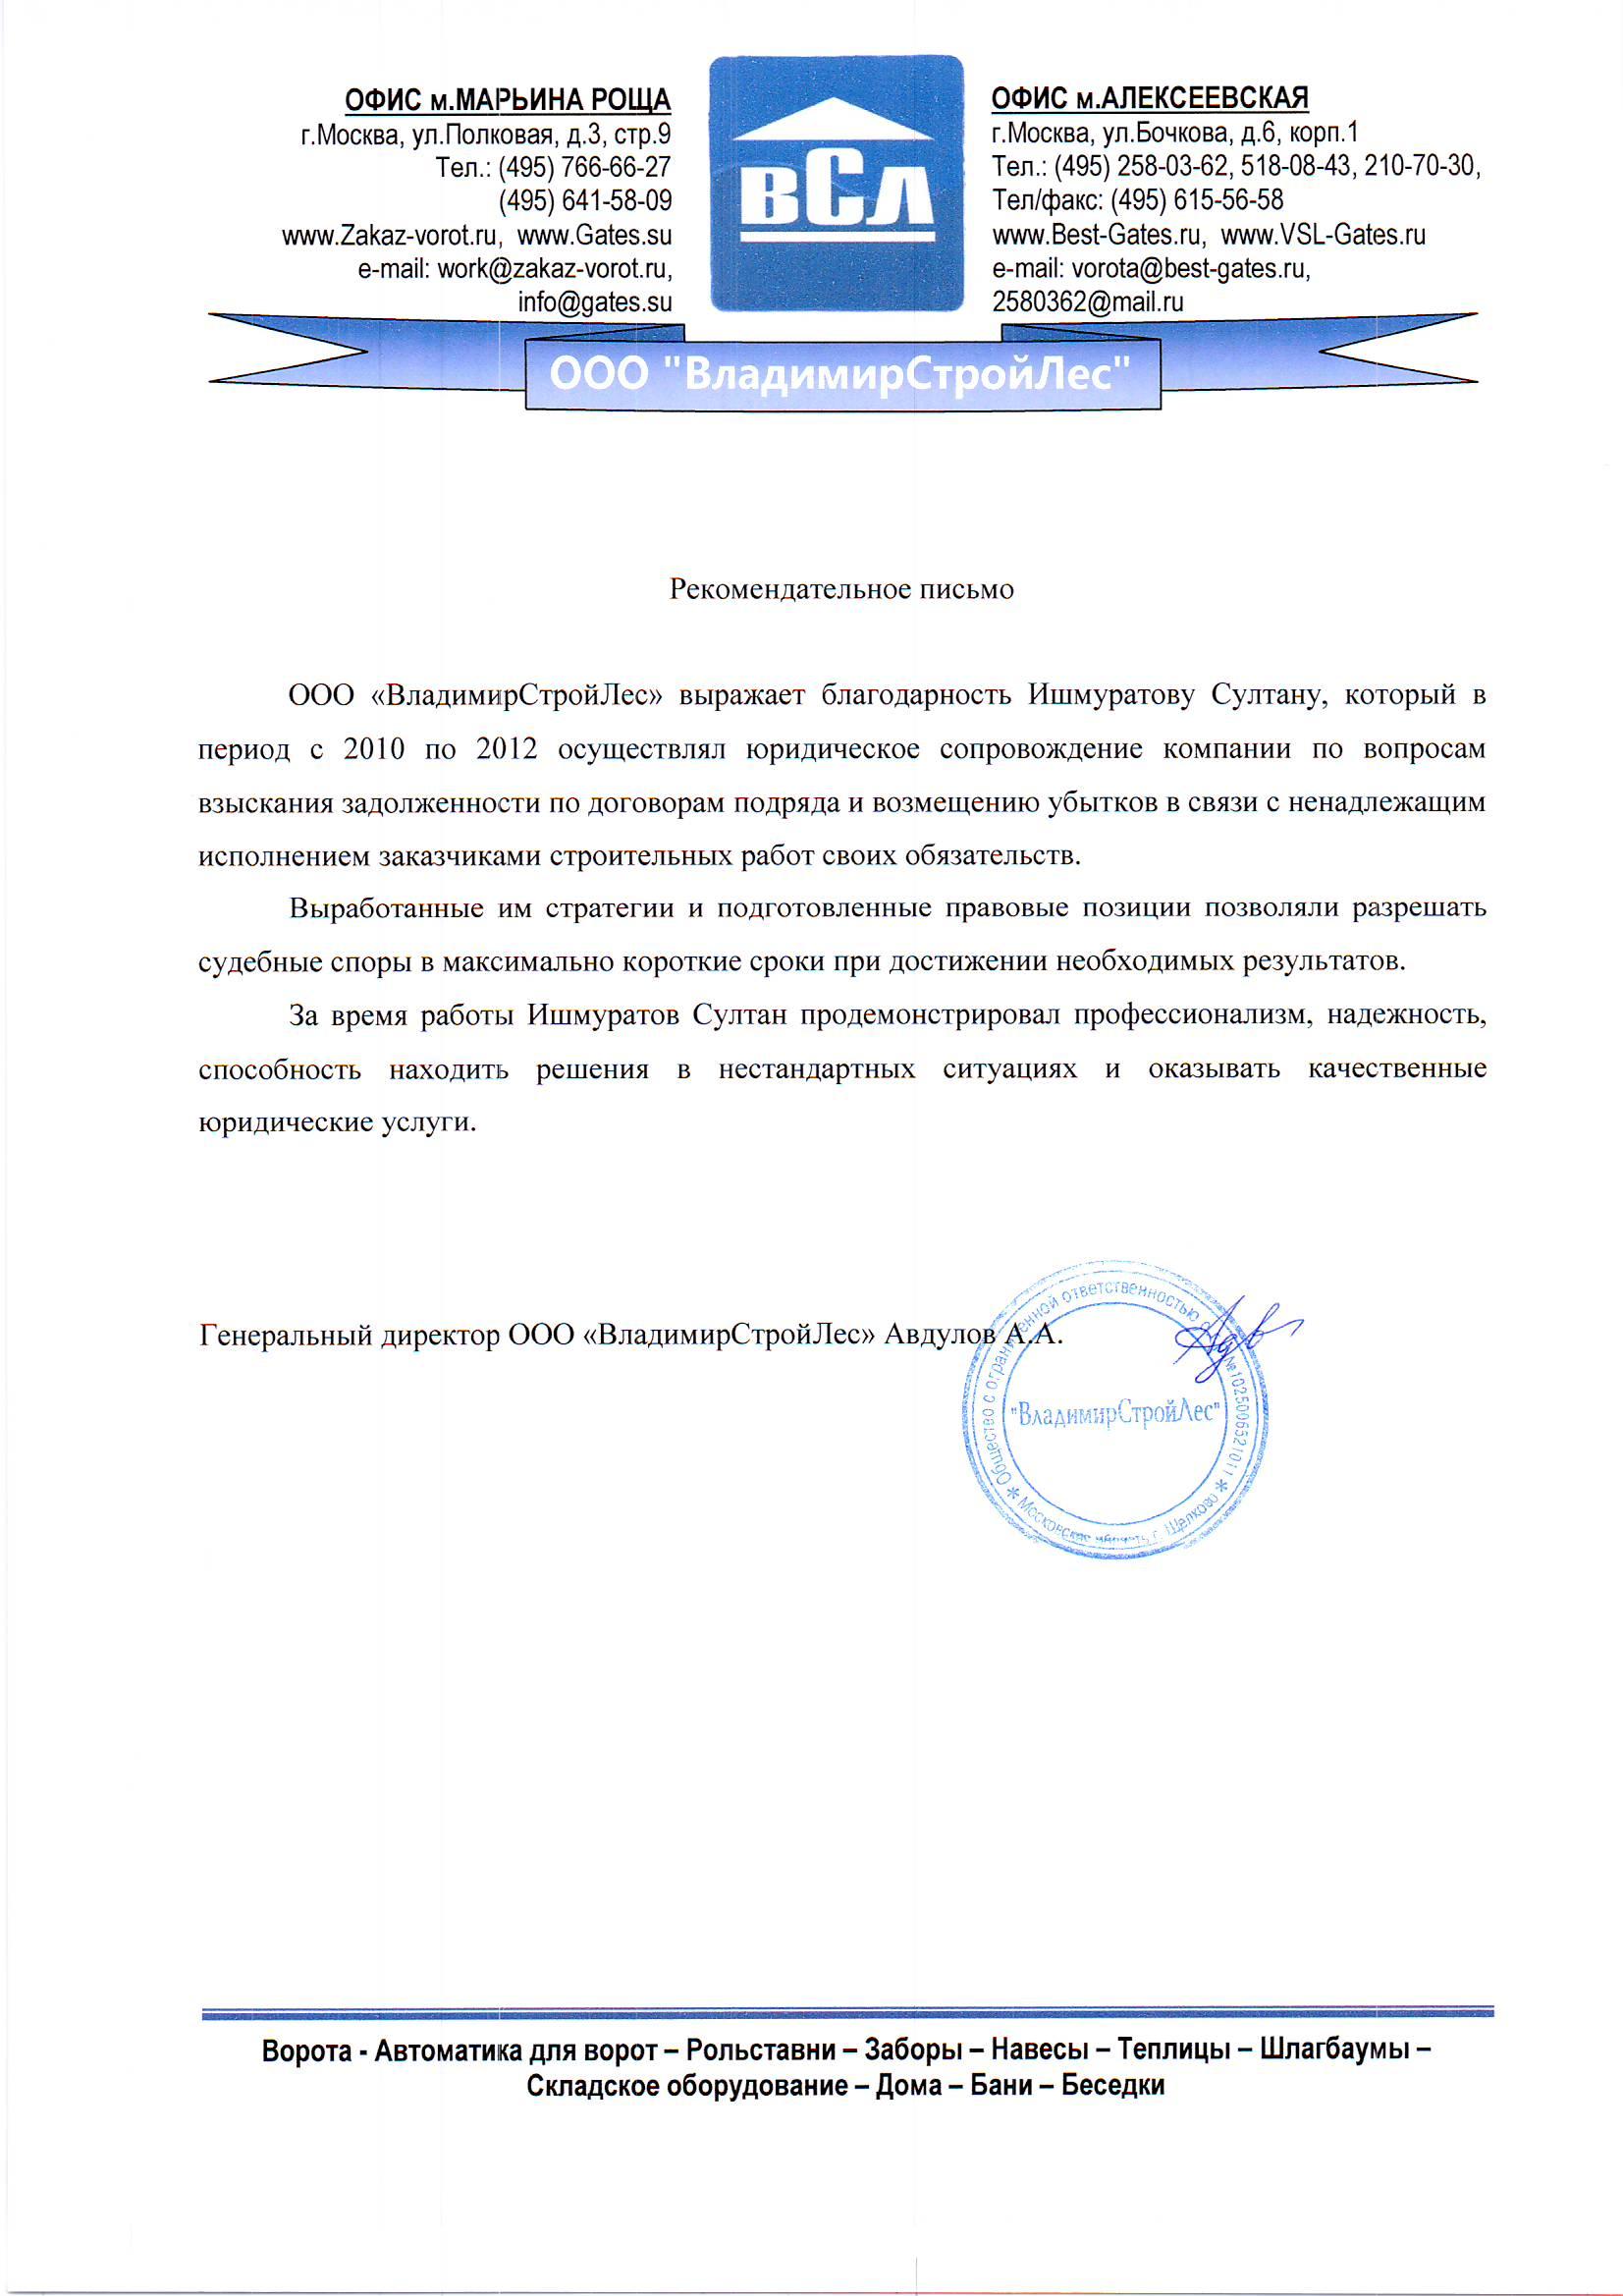 vladimirstrojles-rekomendatelnoe-pismo